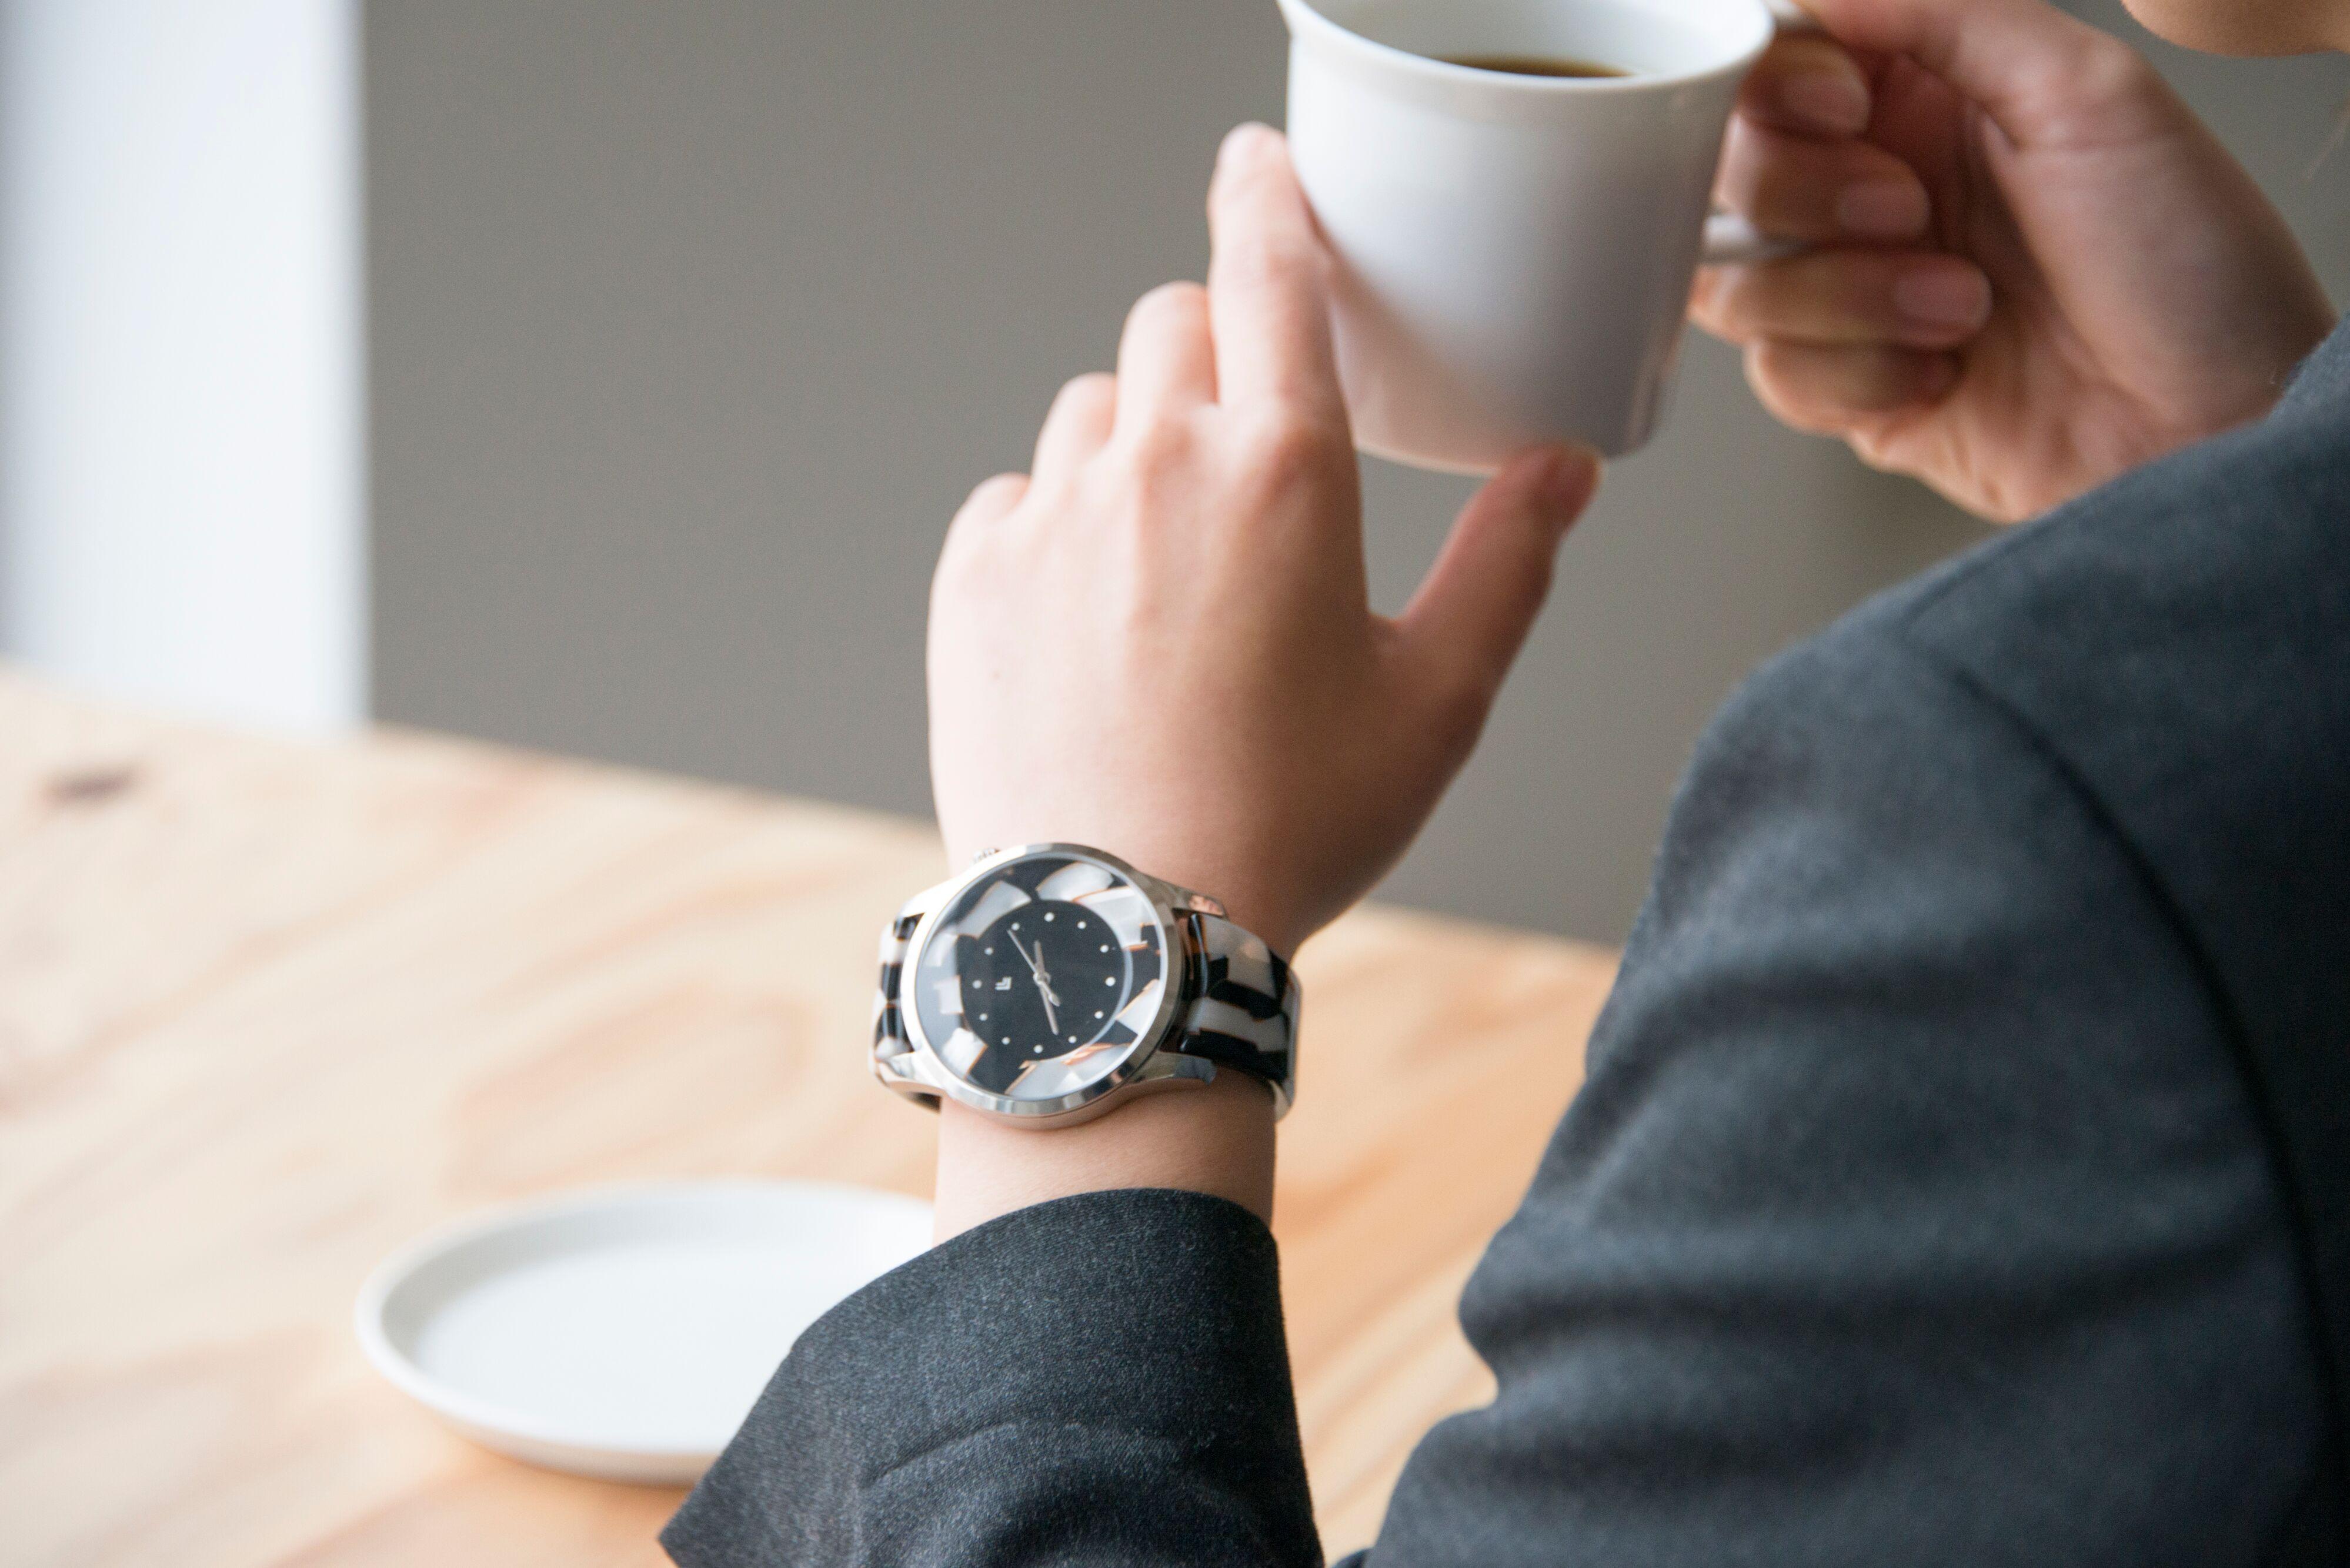 バングルウォッチ 腕時計